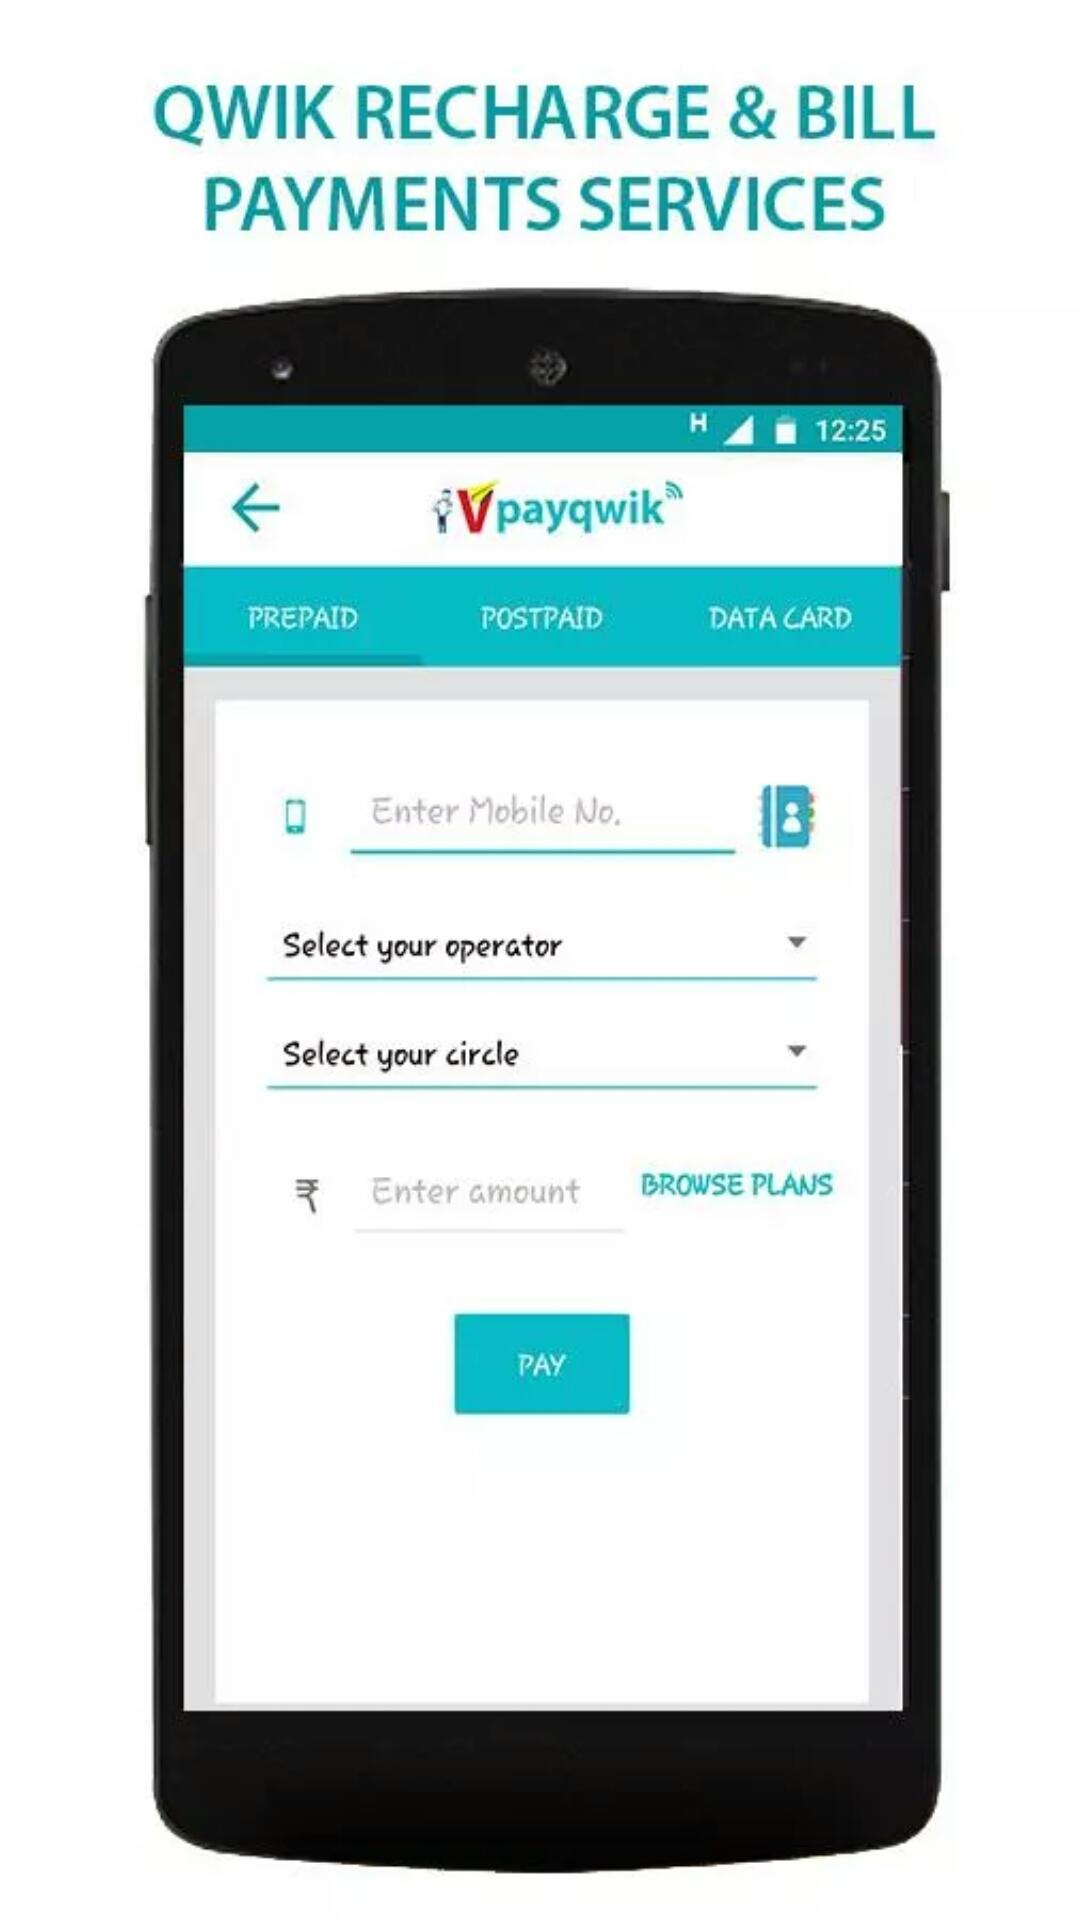 VPayQwik - Mobile Wallet